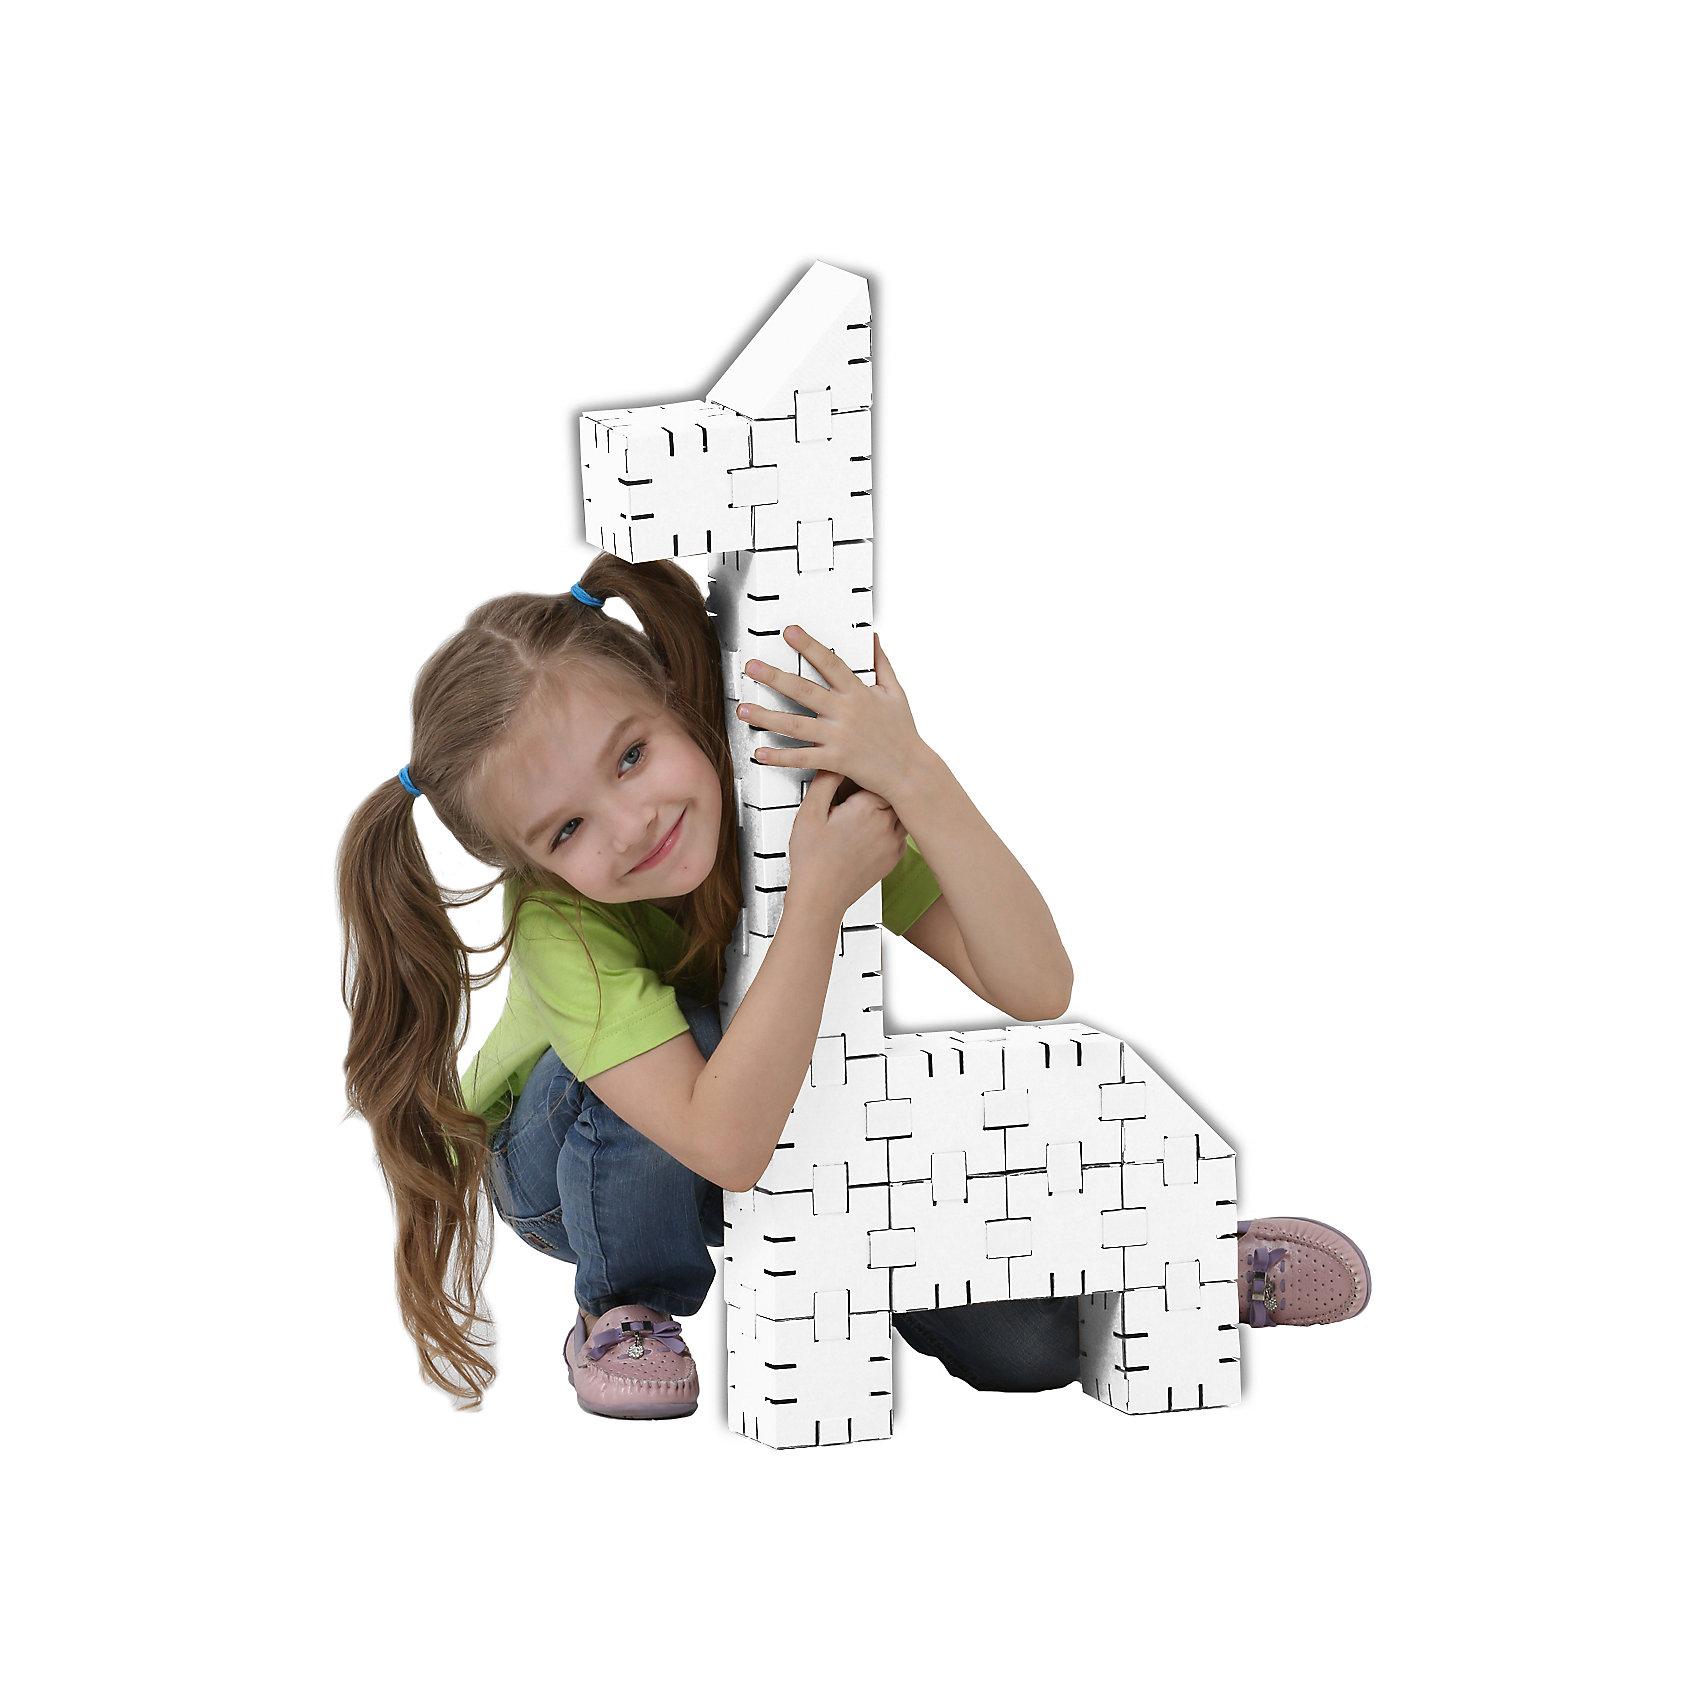 Конструктор Базовый Малый Белый, YohocubeБренды конструкторов<br>Дети, которые любят творчество, обязательно оценят этот конструктор! В него включены заготовки для создания различных фигур и инструкции. Картонные фигурки можно раскрасить самому - такая игра никогда не надоест!<br>Фигурки собираются без помощи клея. В набор входят 45 деталей. В этих фигурках малыши потом могут хранить свои ценные мелочи! Игры с таким комплектом помогут ребенку развивать воображение, мелкую моторику и творческое мышление! Игрушка сделана из высококачественных и безопасных для детей материалов.<br><br>Дополнительная информация:<br><br>цвет: белый;<br>материал: картон;<br>комплектация: 45 деталей;<br>размер кубика: 8 см.<br><br>Конструктор Базовый Малый Белый от бренда Yohocube можно купить в нашем магазине.<br><br>Ширина мм: 460<br>Глубина мм: 360<br>Высота мм: 120<br>Вес г: 1900<br>Возраст от месяцев: 72<br>Возраст до месяцев: 144<br>Пол: Унисекс<br>Возраст: Детский<br>SKU: 4970197